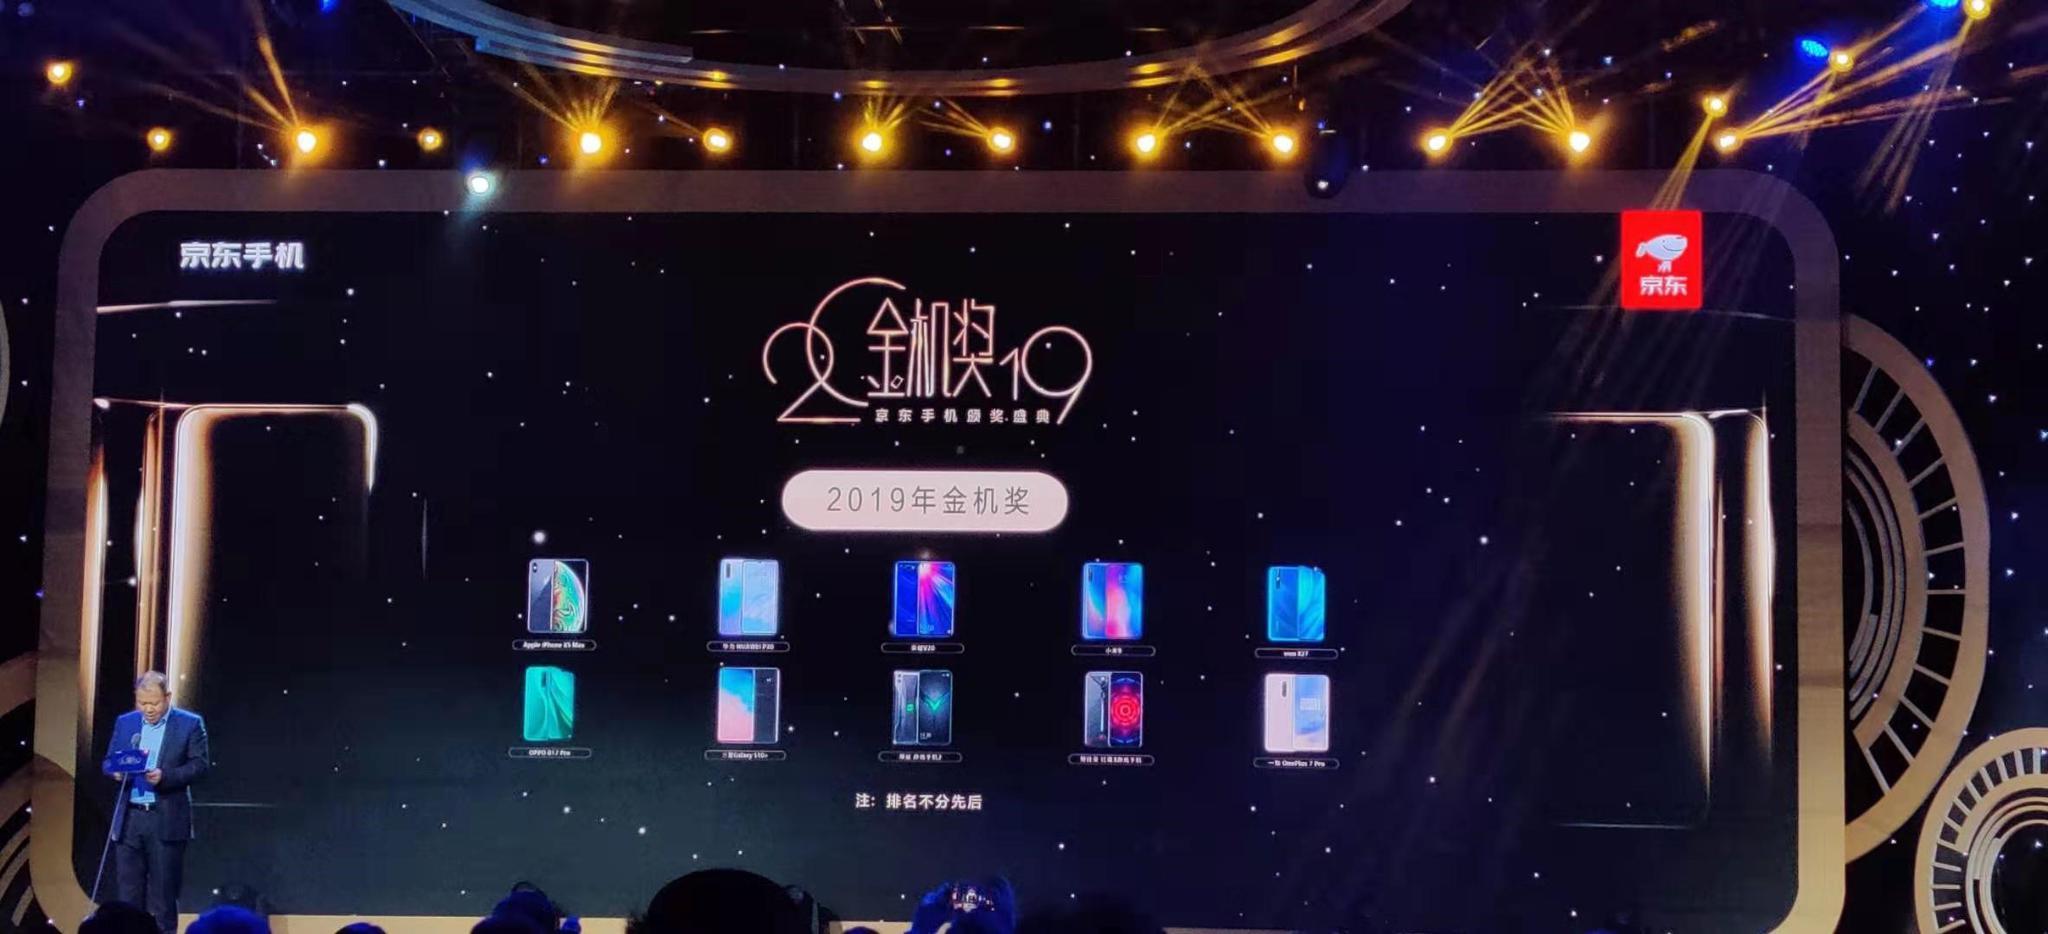 2019京东金机奖落下帷幕,年度最佳游戏手机奖花落黑鲨